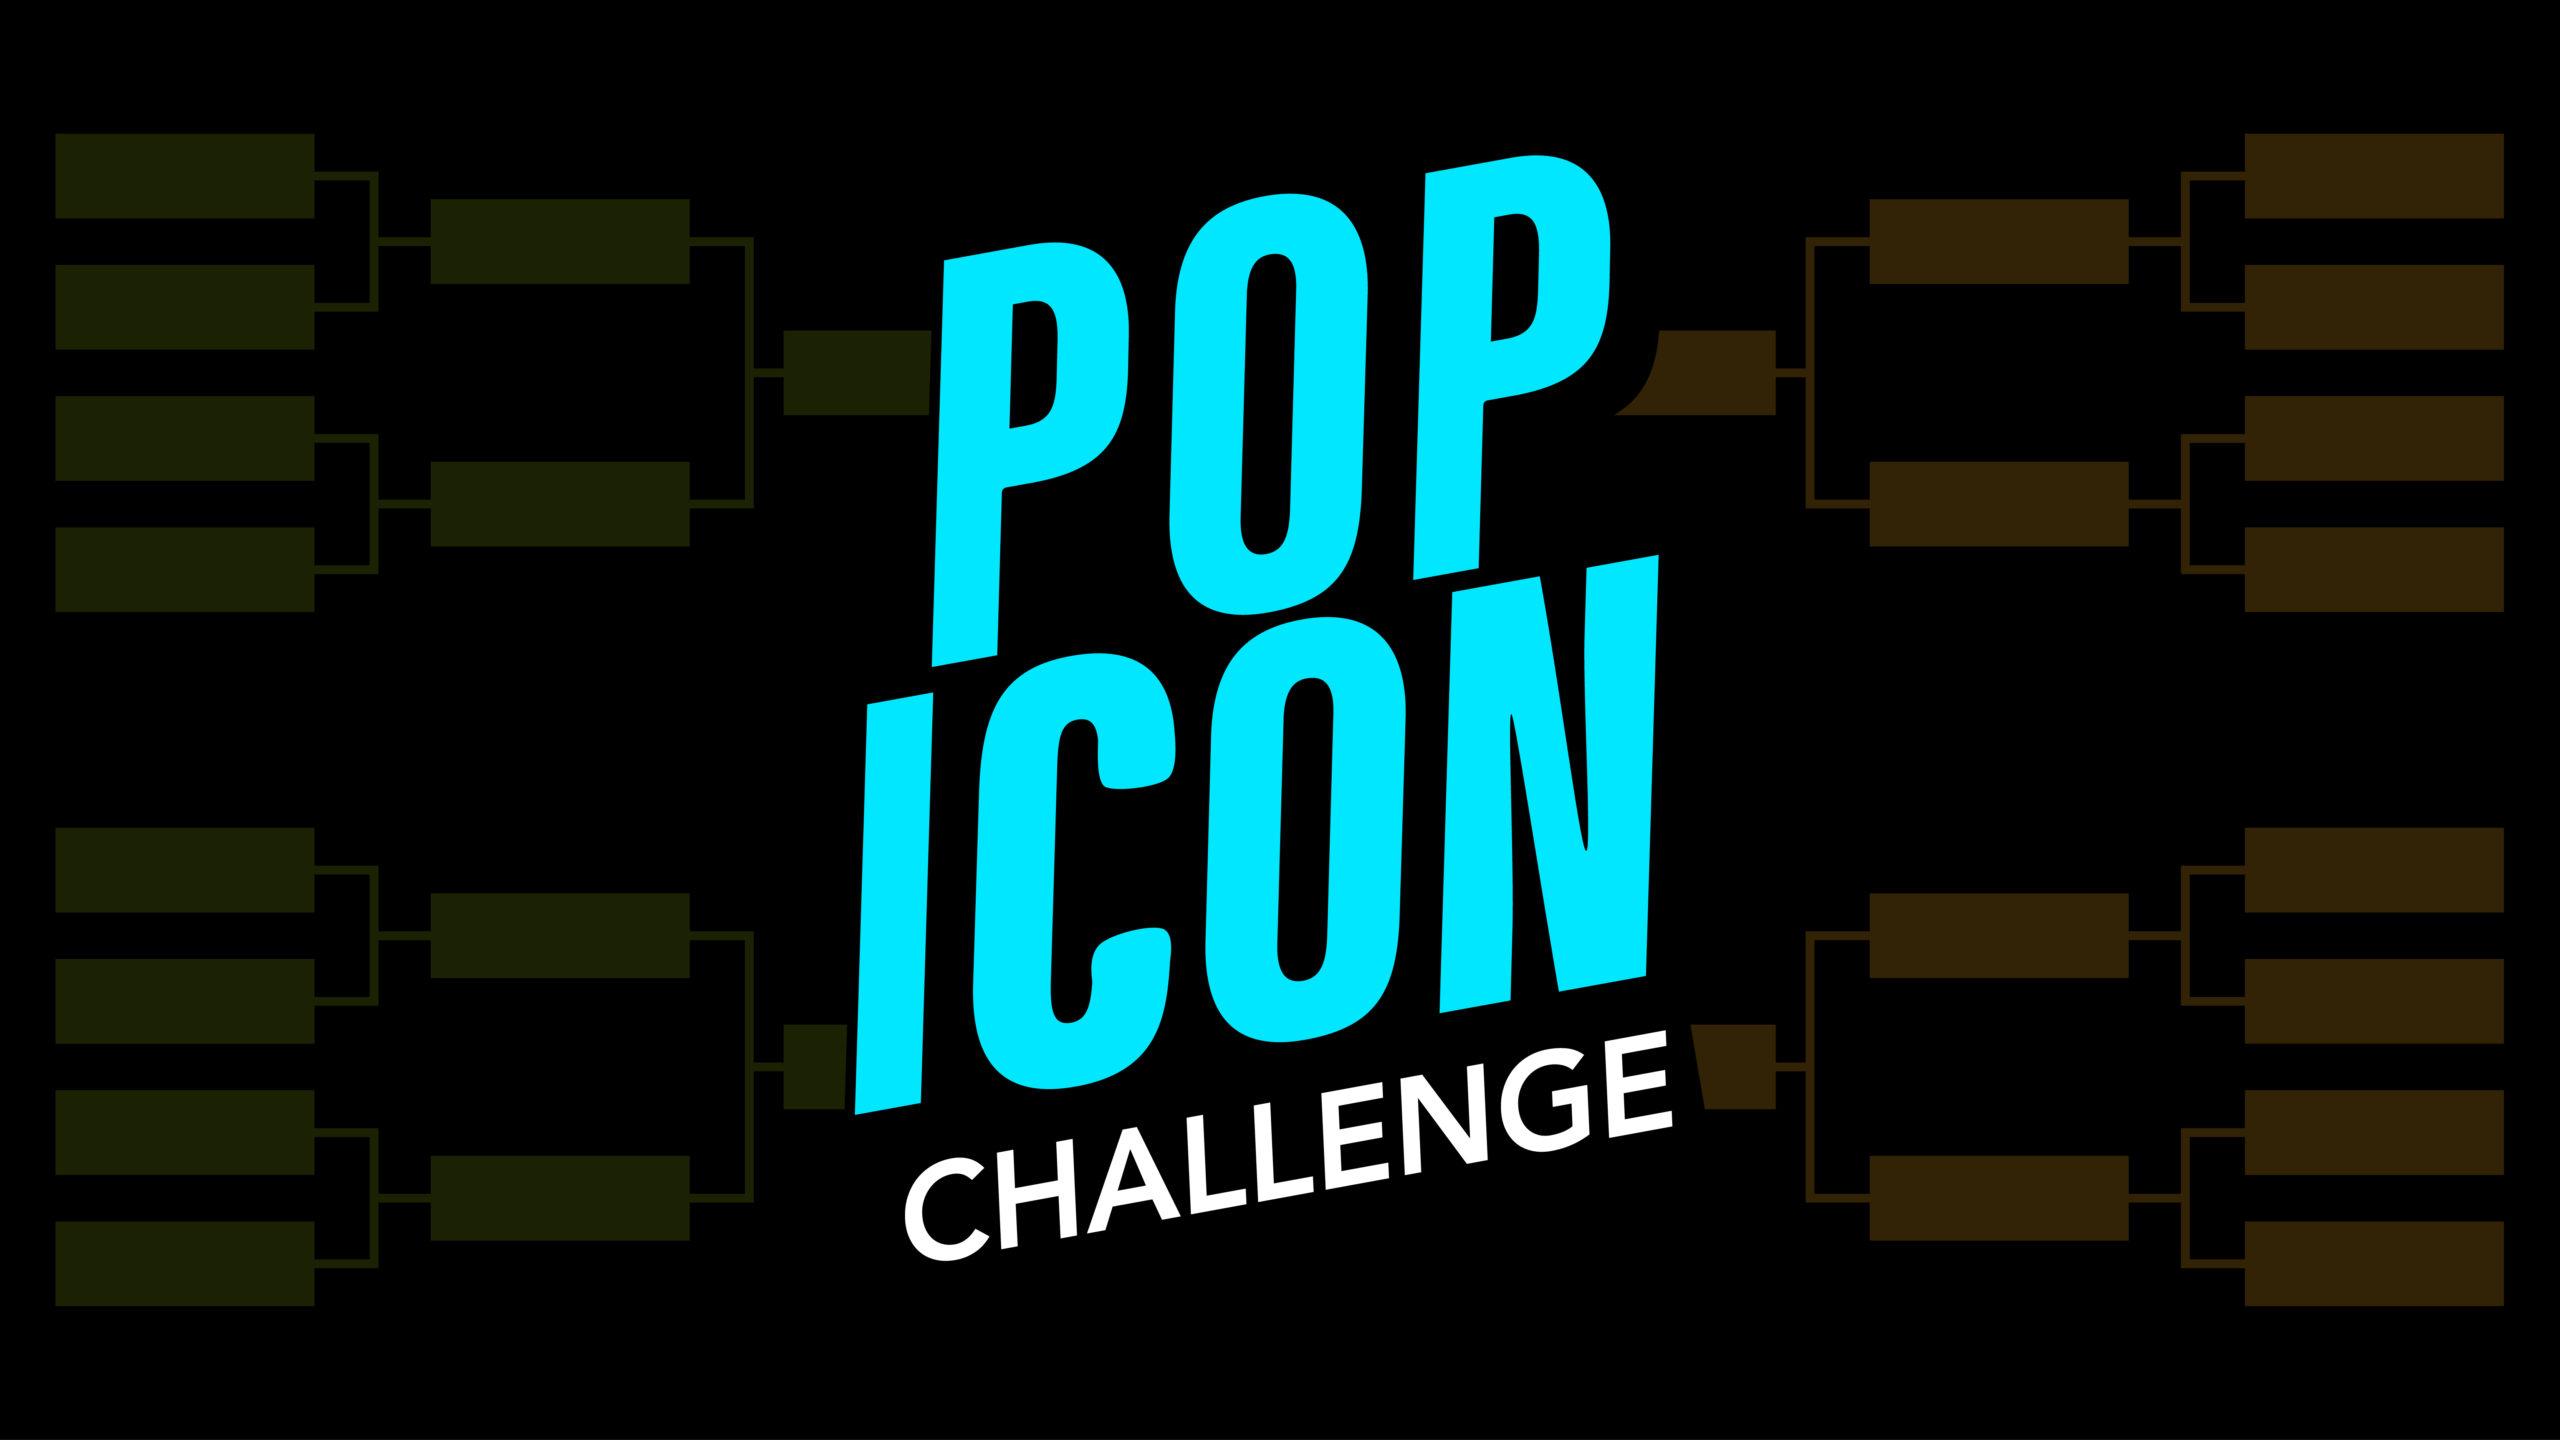 The Pop Icon Challenge